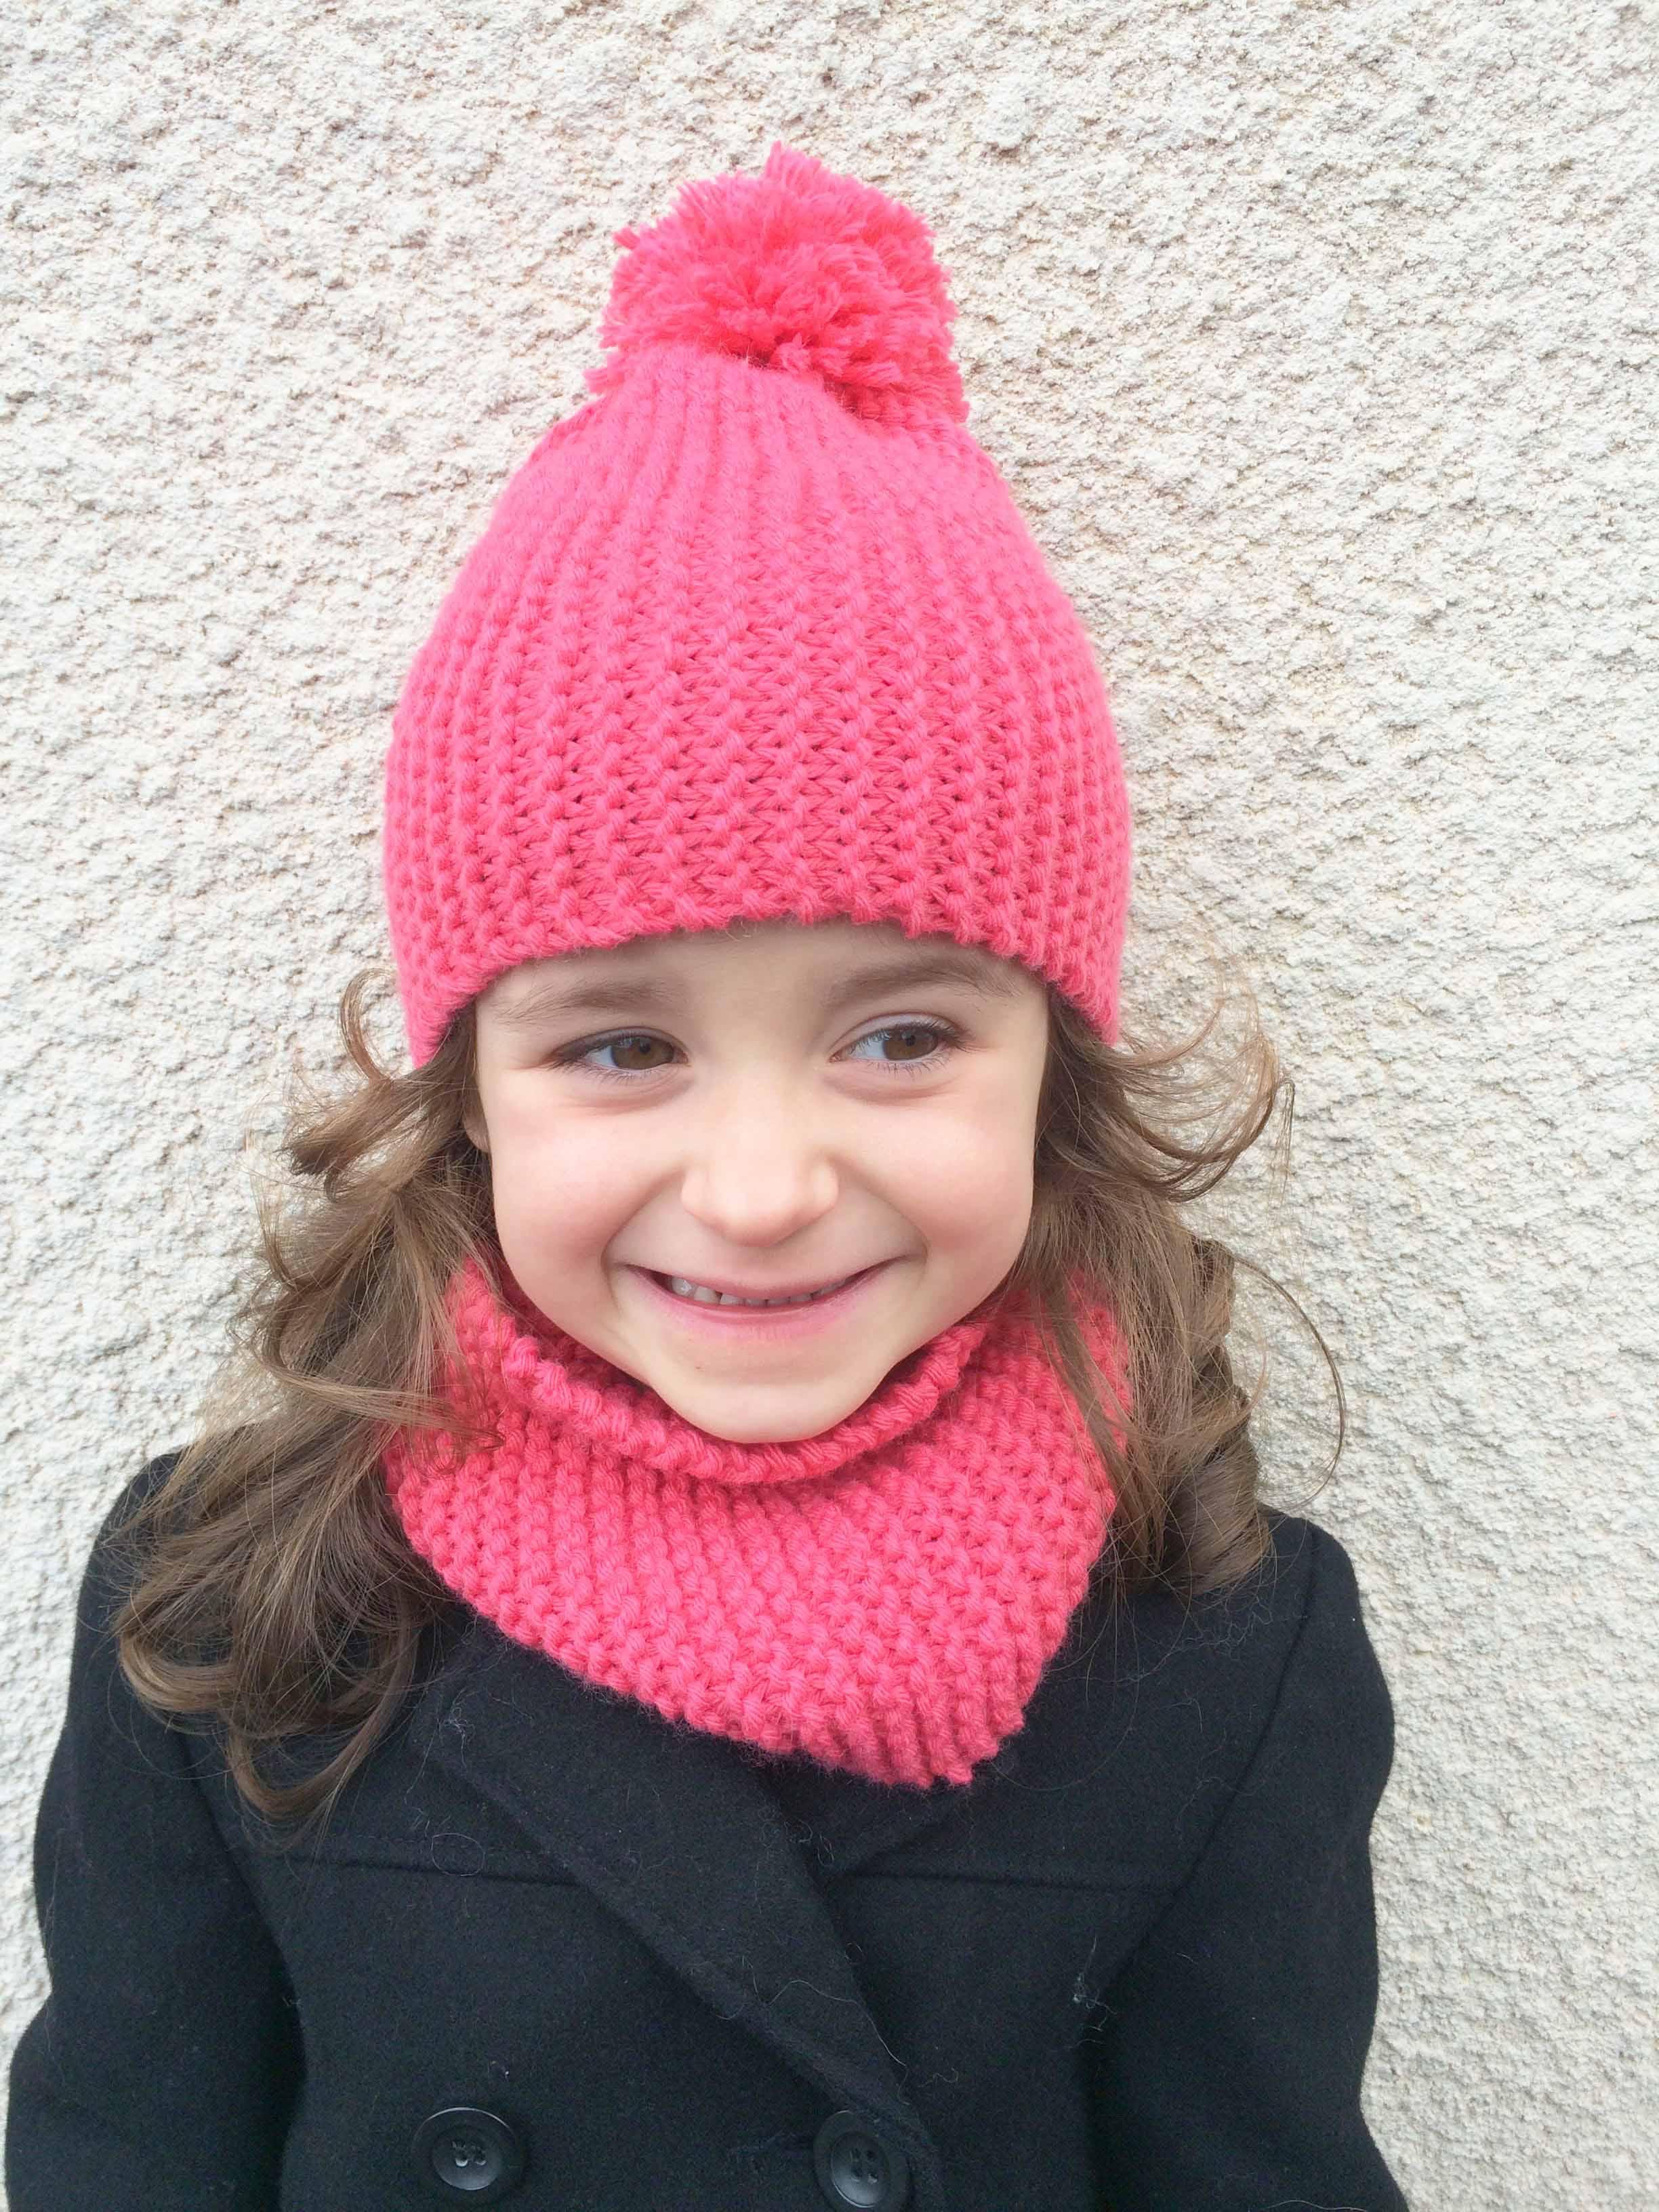 Tricoter un snood 6 ans - Idées de tricot gratuit bc489472bea